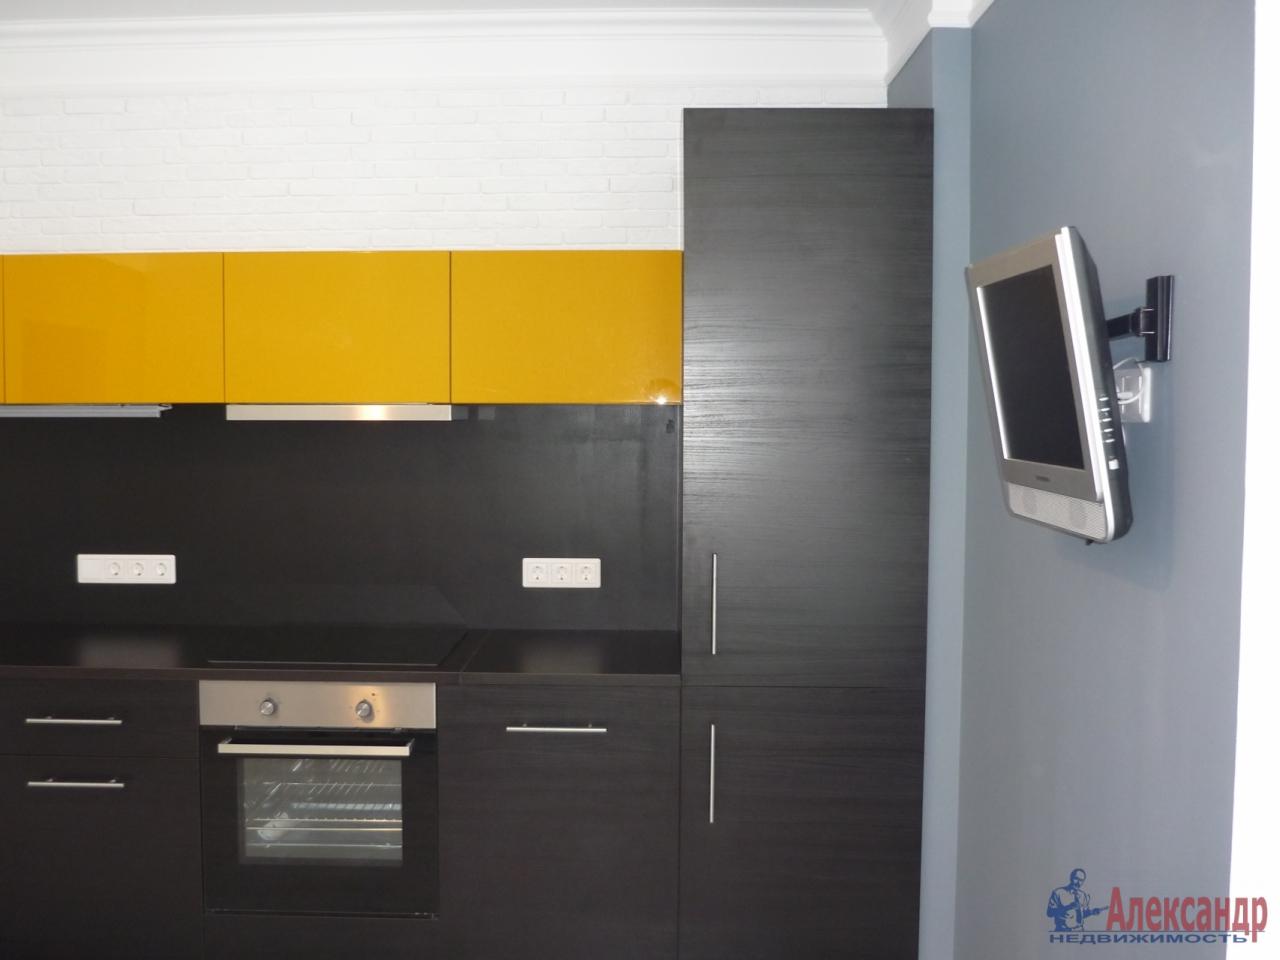 2-комнатная квартира (72м2) в аренду по адресу Кременчугская ул., 9— фото 2 из 17